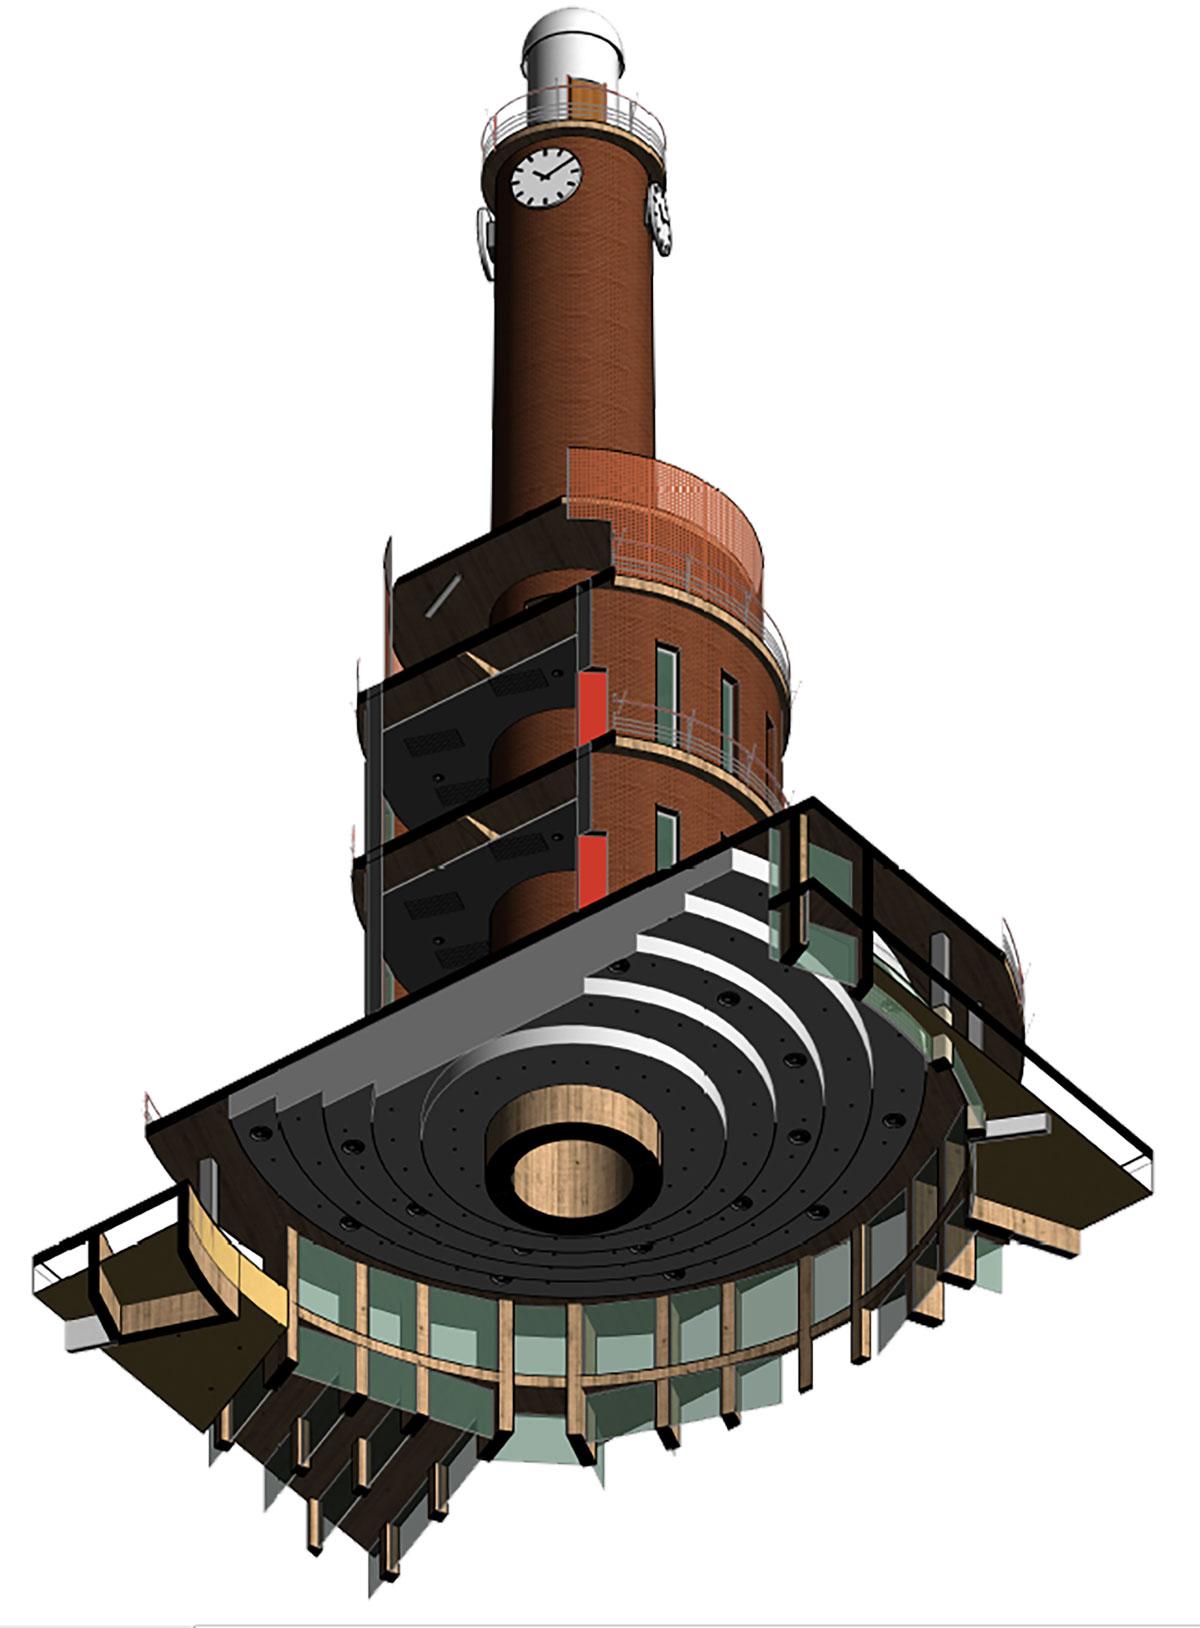 modelado bim - arquitectura - torre cartagena | BIM ESCANER